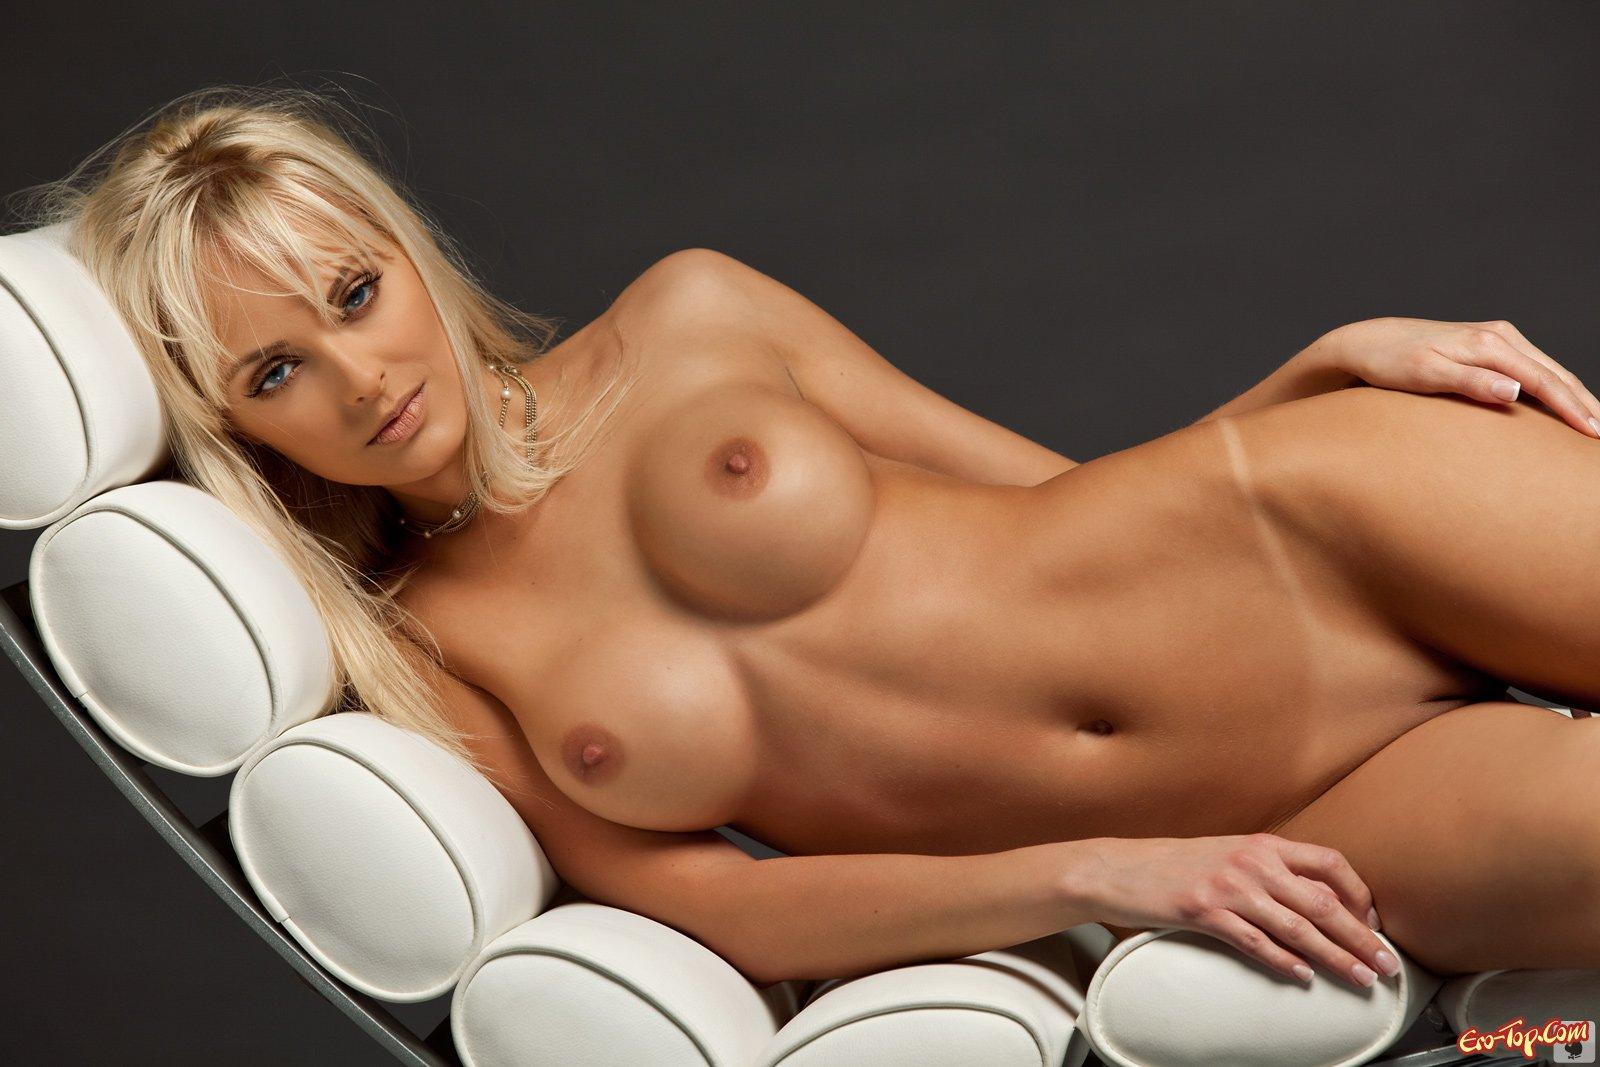 блондинки ххх фото - 4